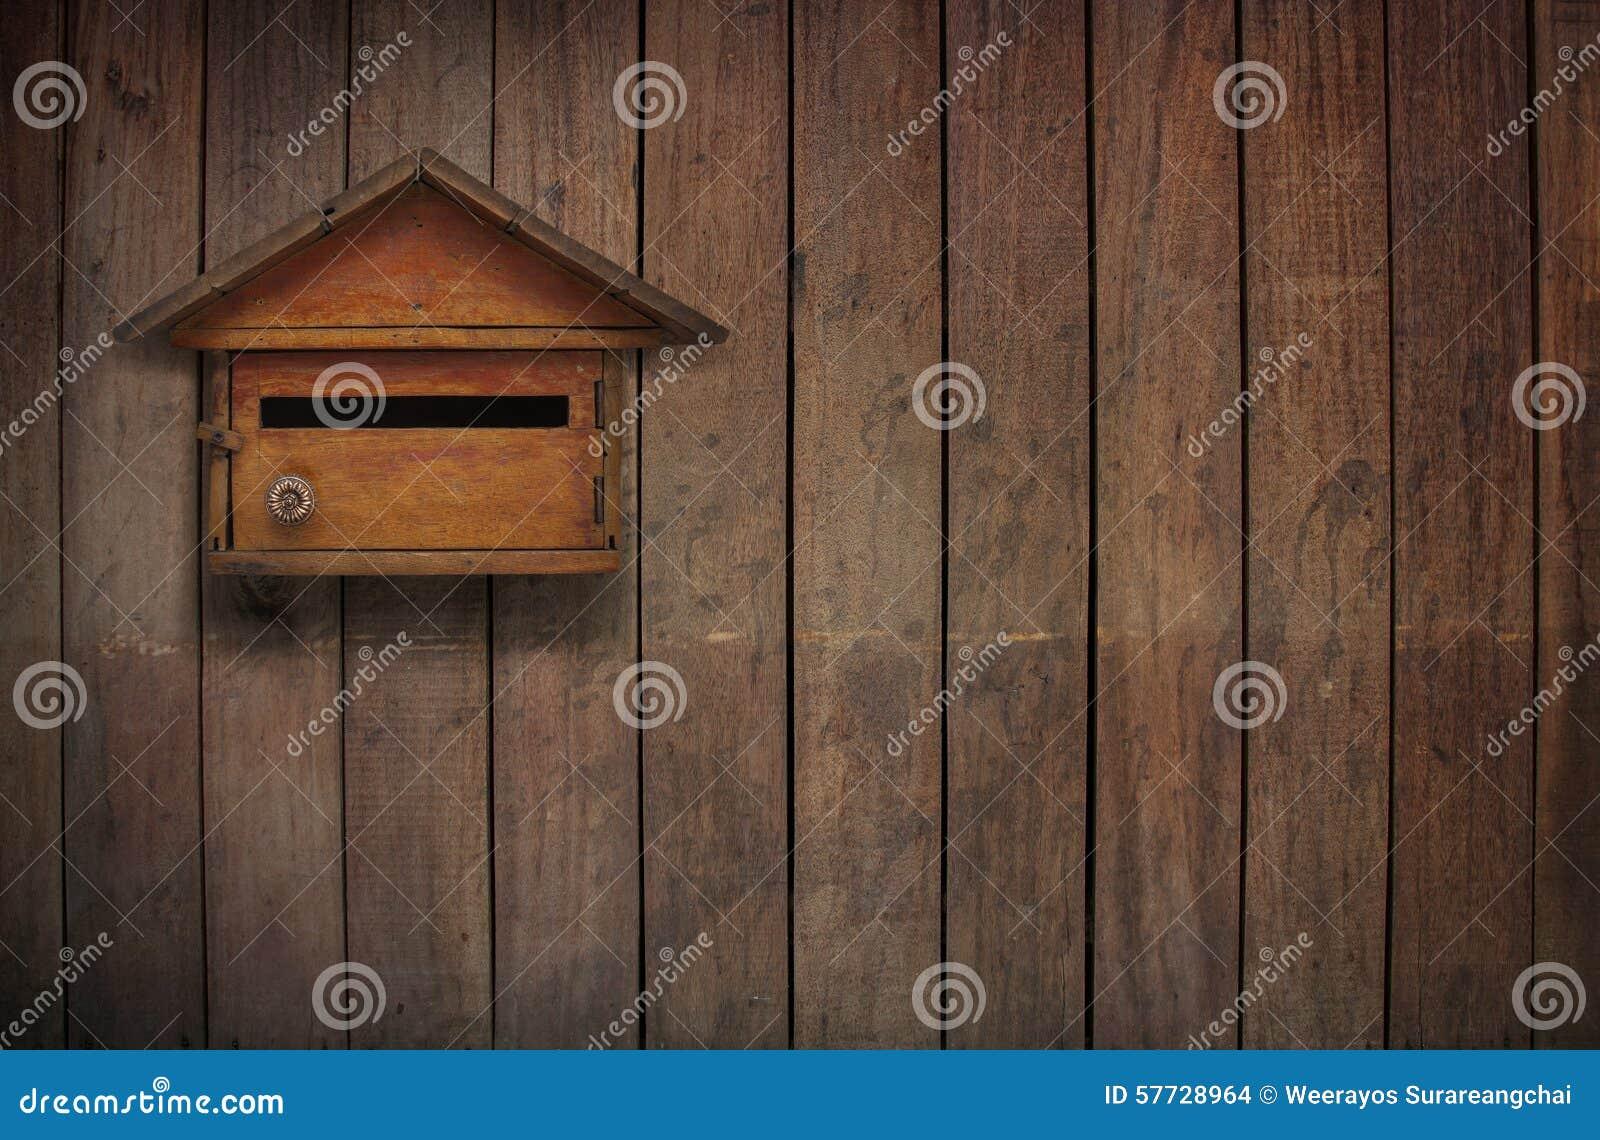 Lettere Di Legno Da Appendere : Una cassetta delle lettere su una vecchia parete di legno vecchia